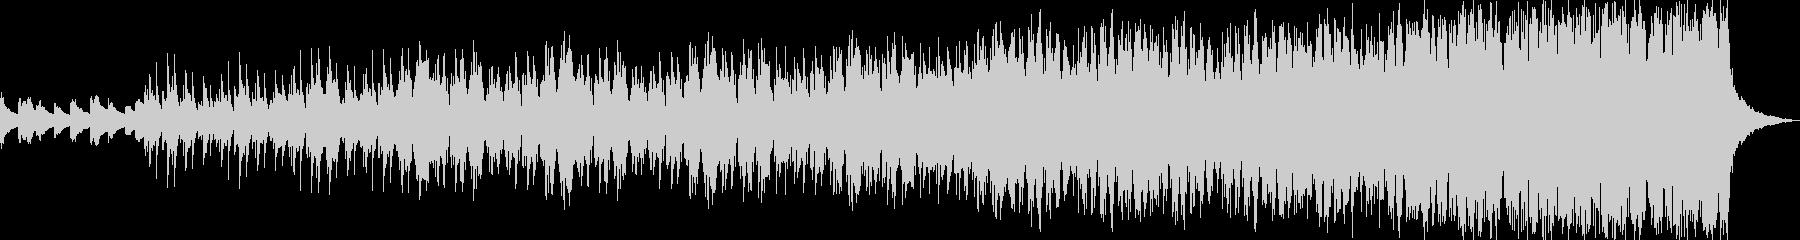 リラックスヒーリング系アンビエントの未再生の波形